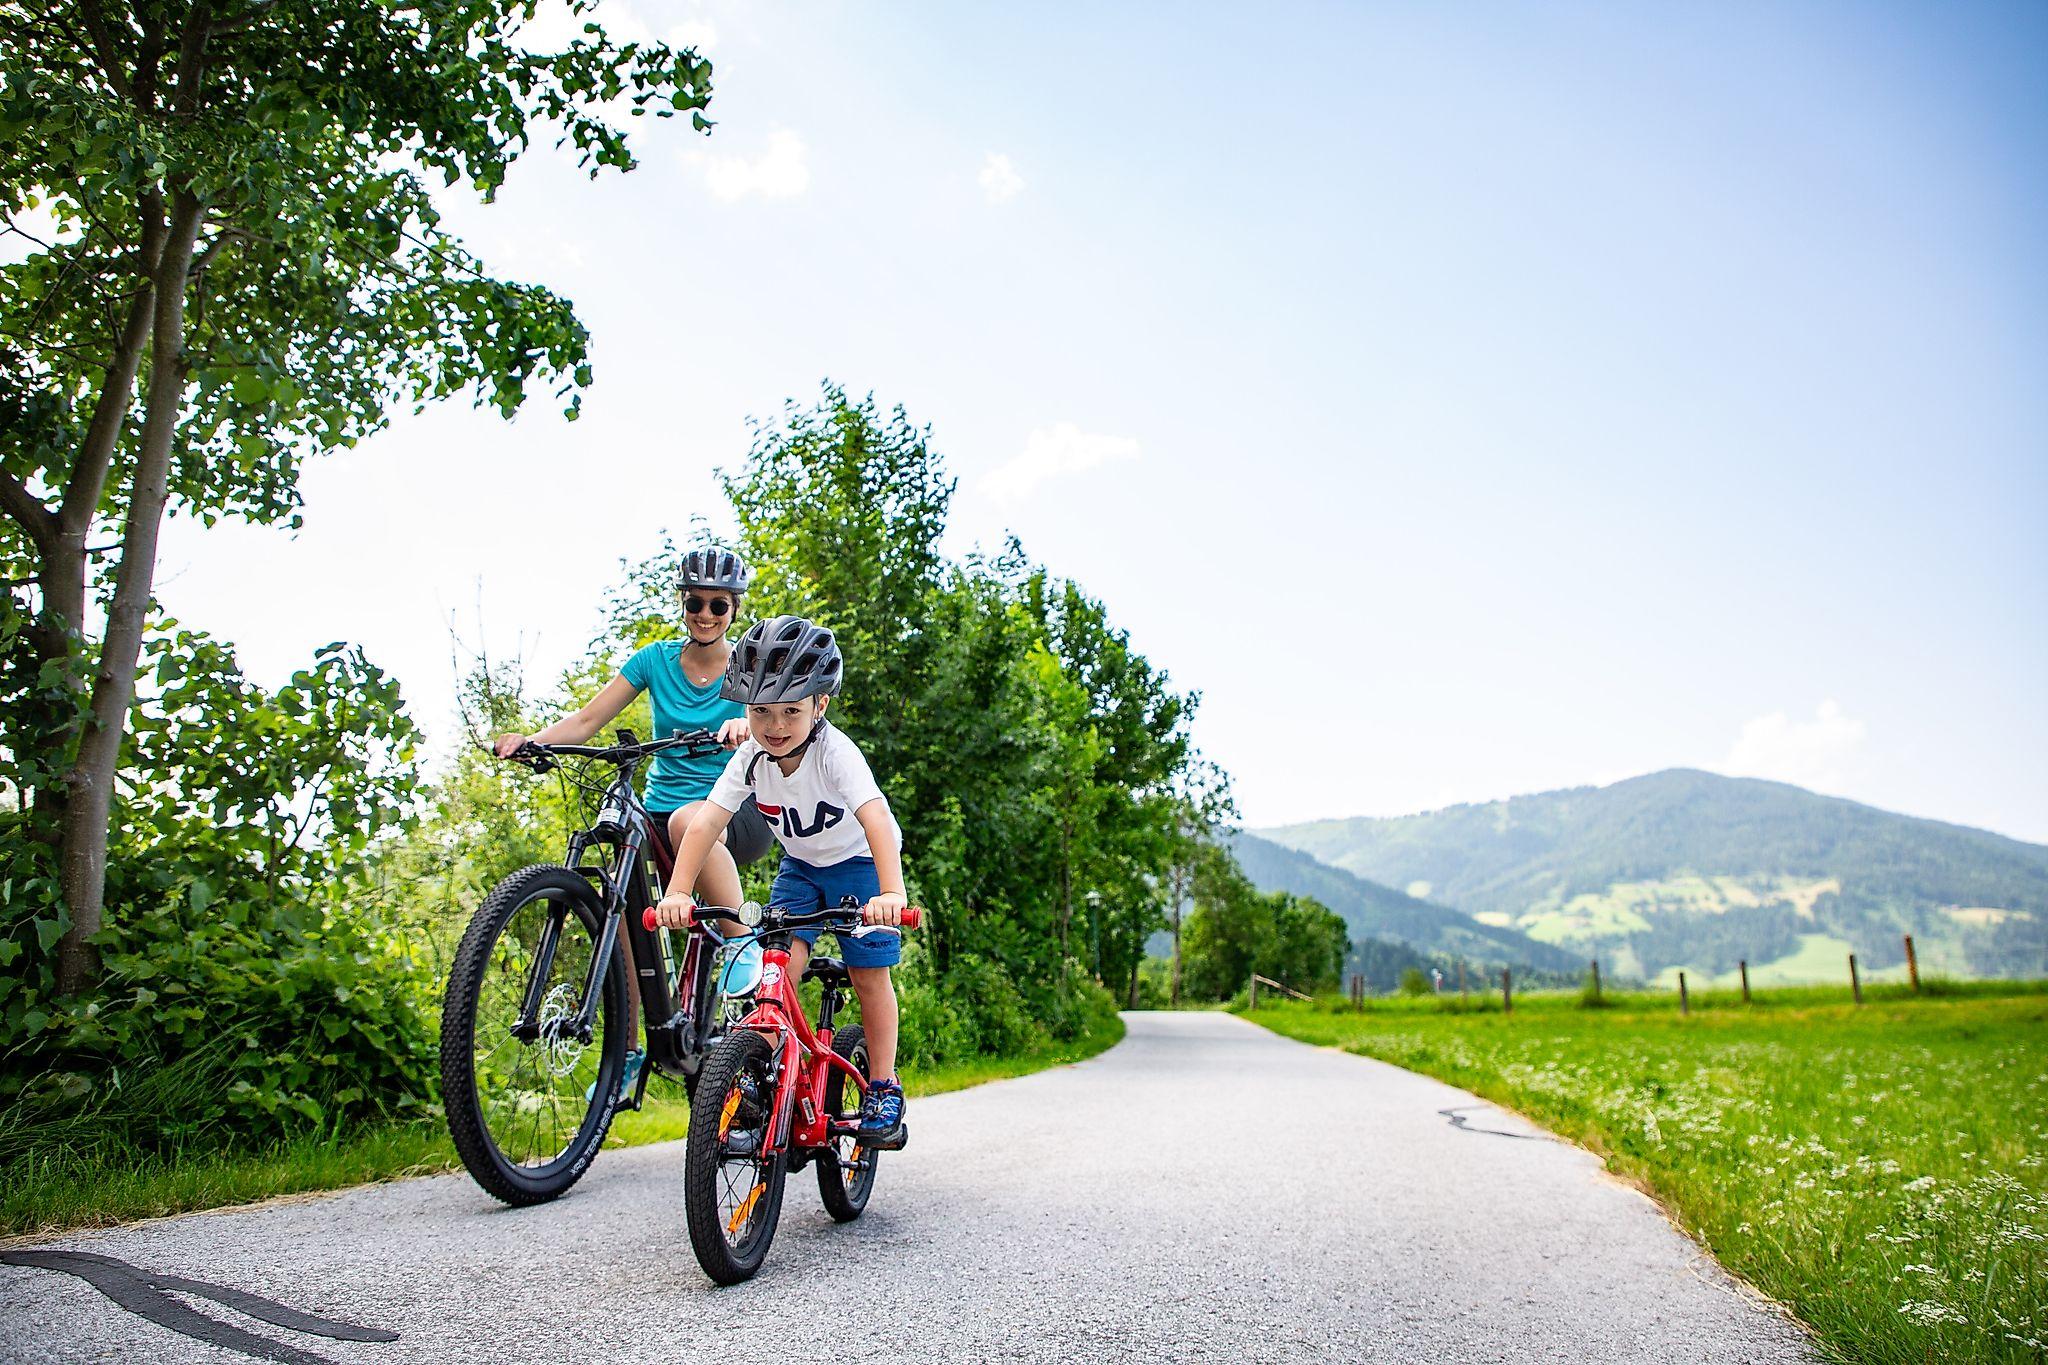 <p>Den Ennsradweg entlang radeln - Mama mit Kind genießt das Radeln abseits des Straßenverkehrs</p>